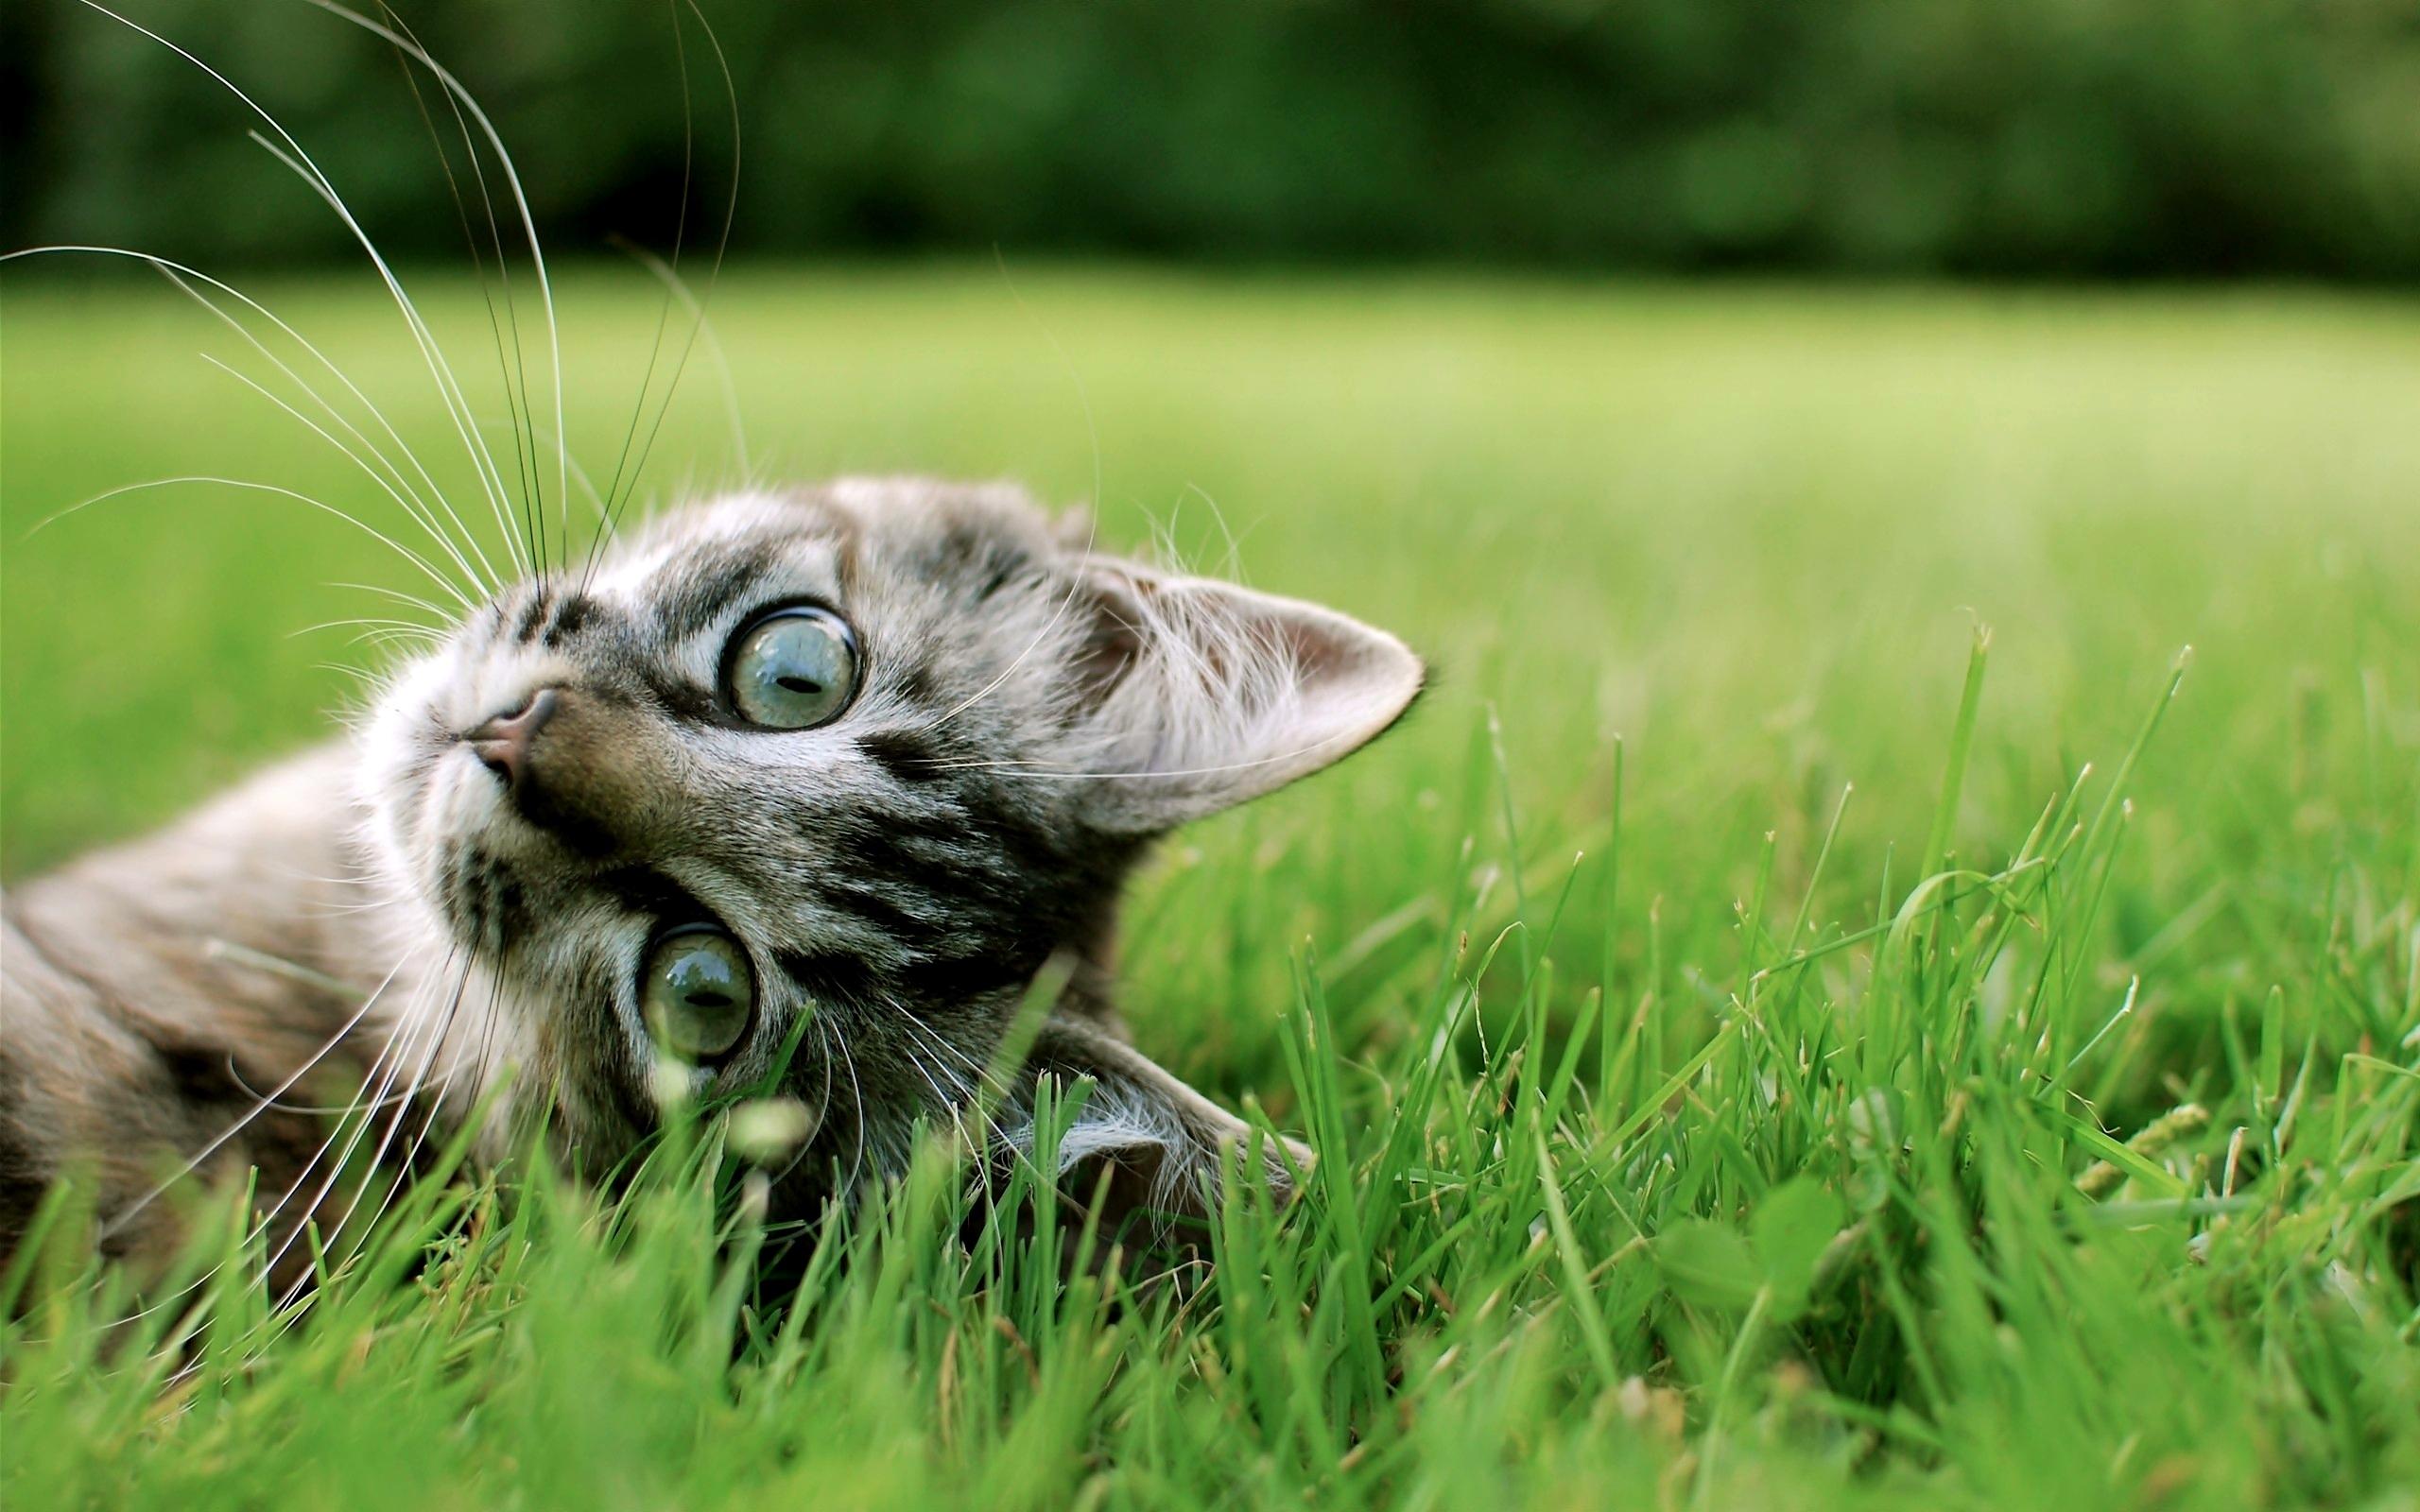 Дымчатый кот в траве загрузить